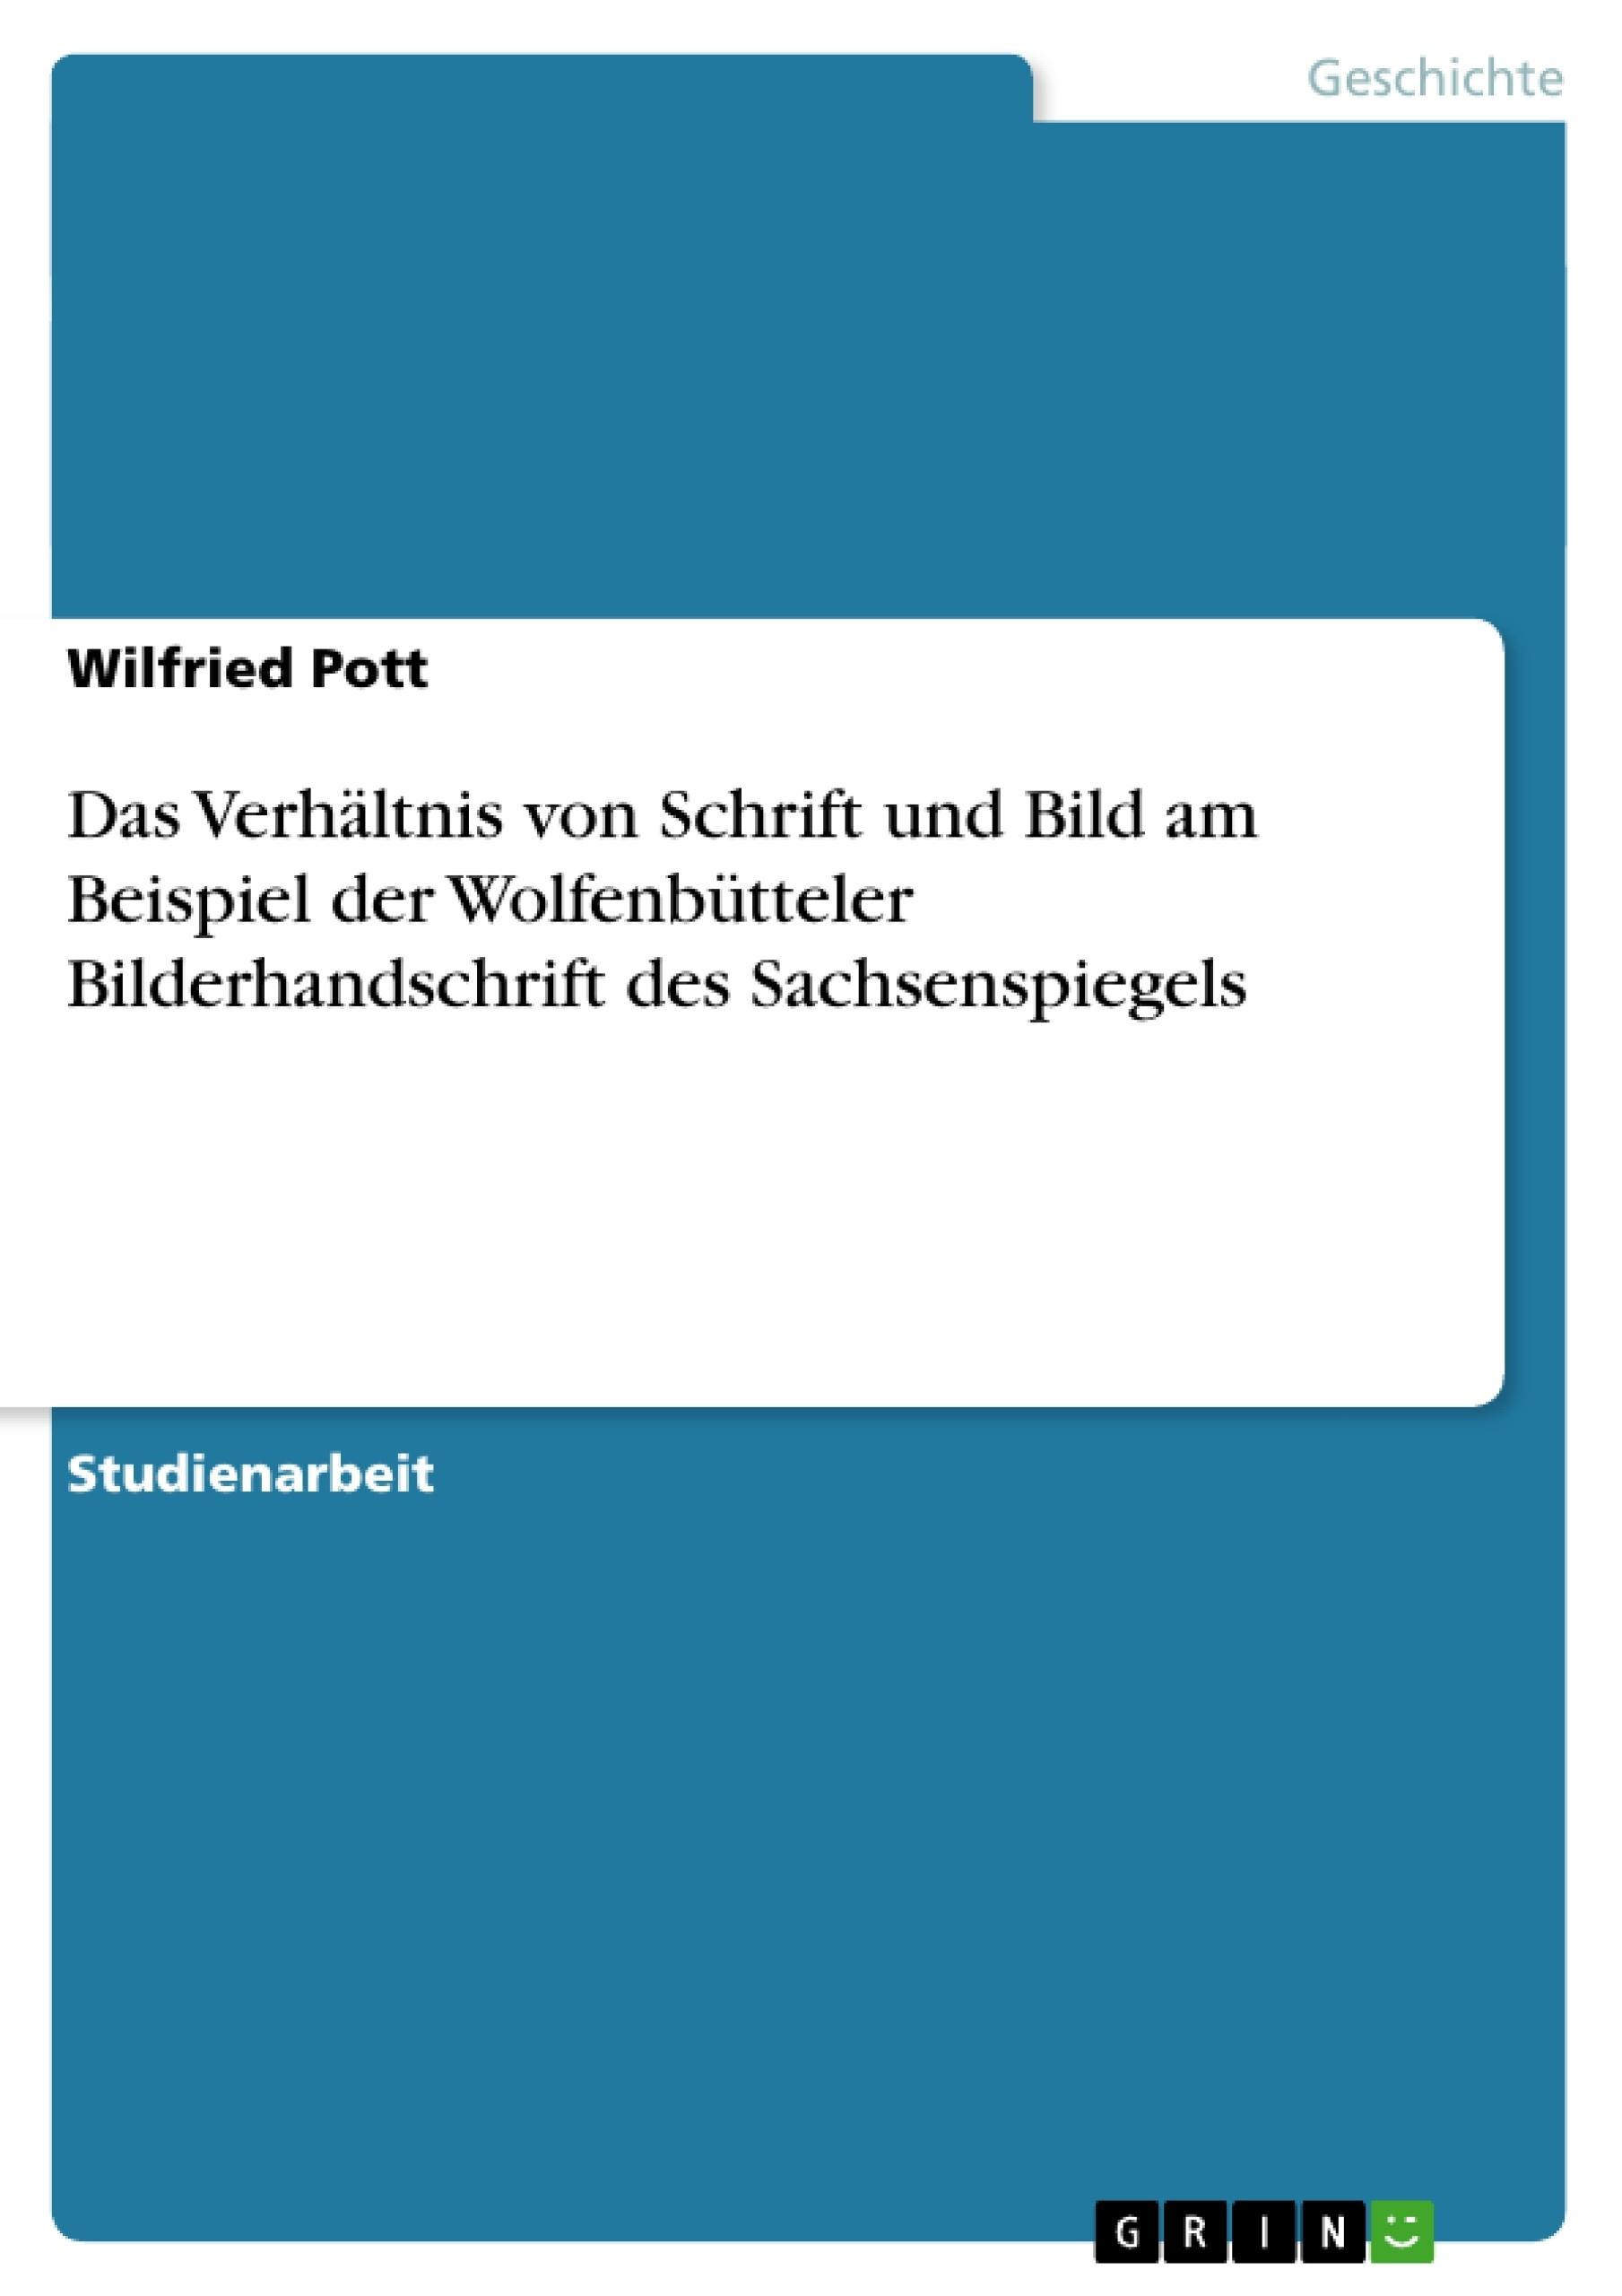 Titel: Das Verhältnis von Schrift und Bild am Beispiel der Wolfenbütteler Bilderhandschrift des Sachsenspiegels